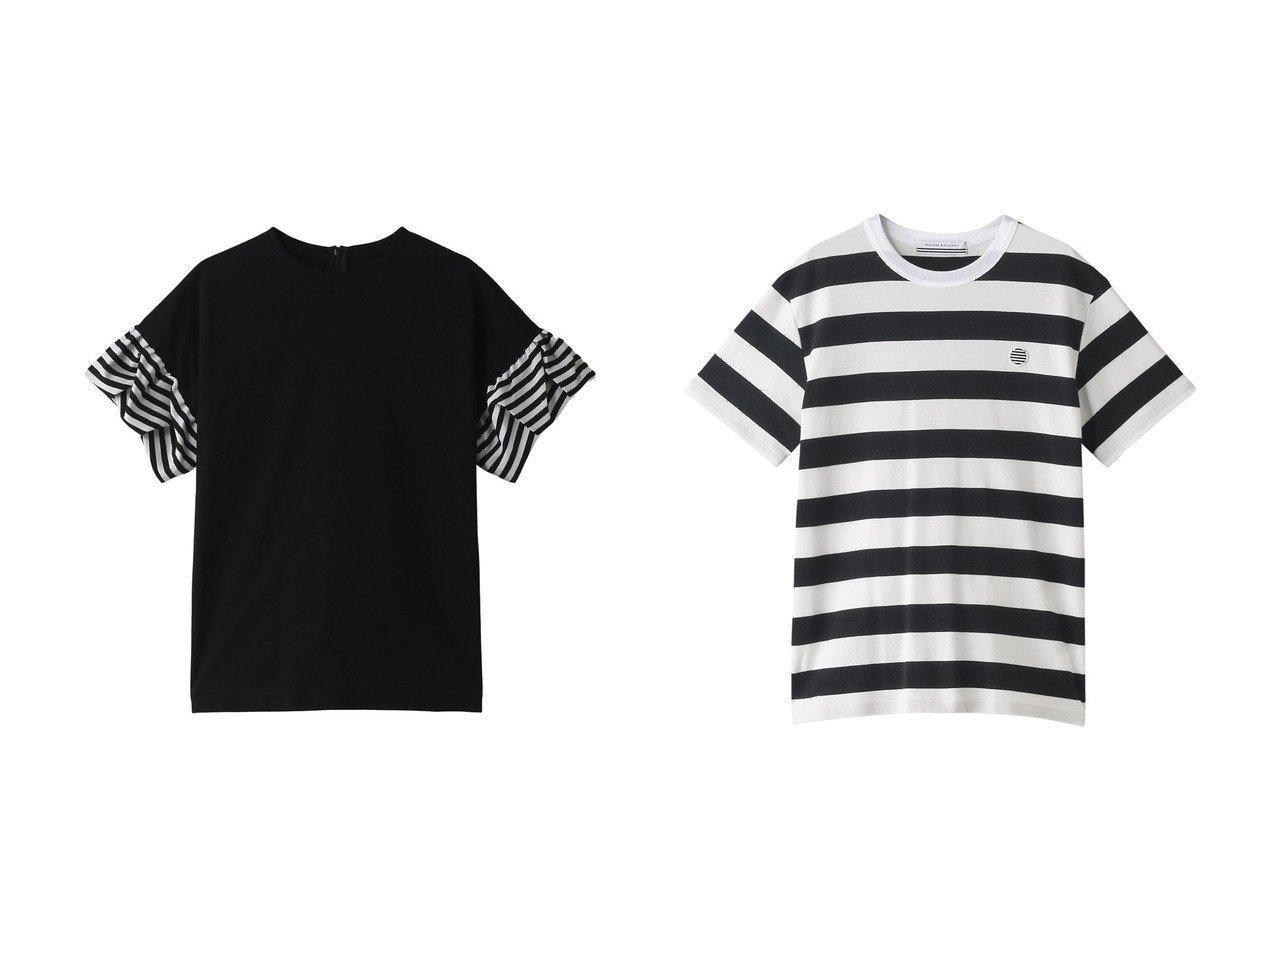 【BORDERS at BALCONY/ボーダーズ アット バルコニー】のゼリーTシャツ&【UNISEX】ボーダーTシャツ トップス・カットソーのおすすめ!人気、トレンド・レディースファッションの通販 おすすめで人気の流行・トレンド、ファッションの通販商品 メンズファッション・キッズファッション・インテリア・家具・レディースファッション・服の通販 founy(ファニー) https://founy.com/ ファッション Fashion レディースファッション WOMEN トップス Tops Tshirt シャツ/ブラウス Shirts Blouses ロング / Tシャツ T-Shirts カットソー Cut and Sewn 2020年 2020 2020-2021 秋冬 A/W AW Autumn/Winter / FW Fall-Winter 2020-2021 2021年 2021 2021 春夏 S/S SS Spring/Summer 2021 ショート スリーブ フォルム ボトム ボーダー 春 Spring A/W 秋冬 AW Autumn/Winter / FW Fall-Winter  ID:crp329100000011531